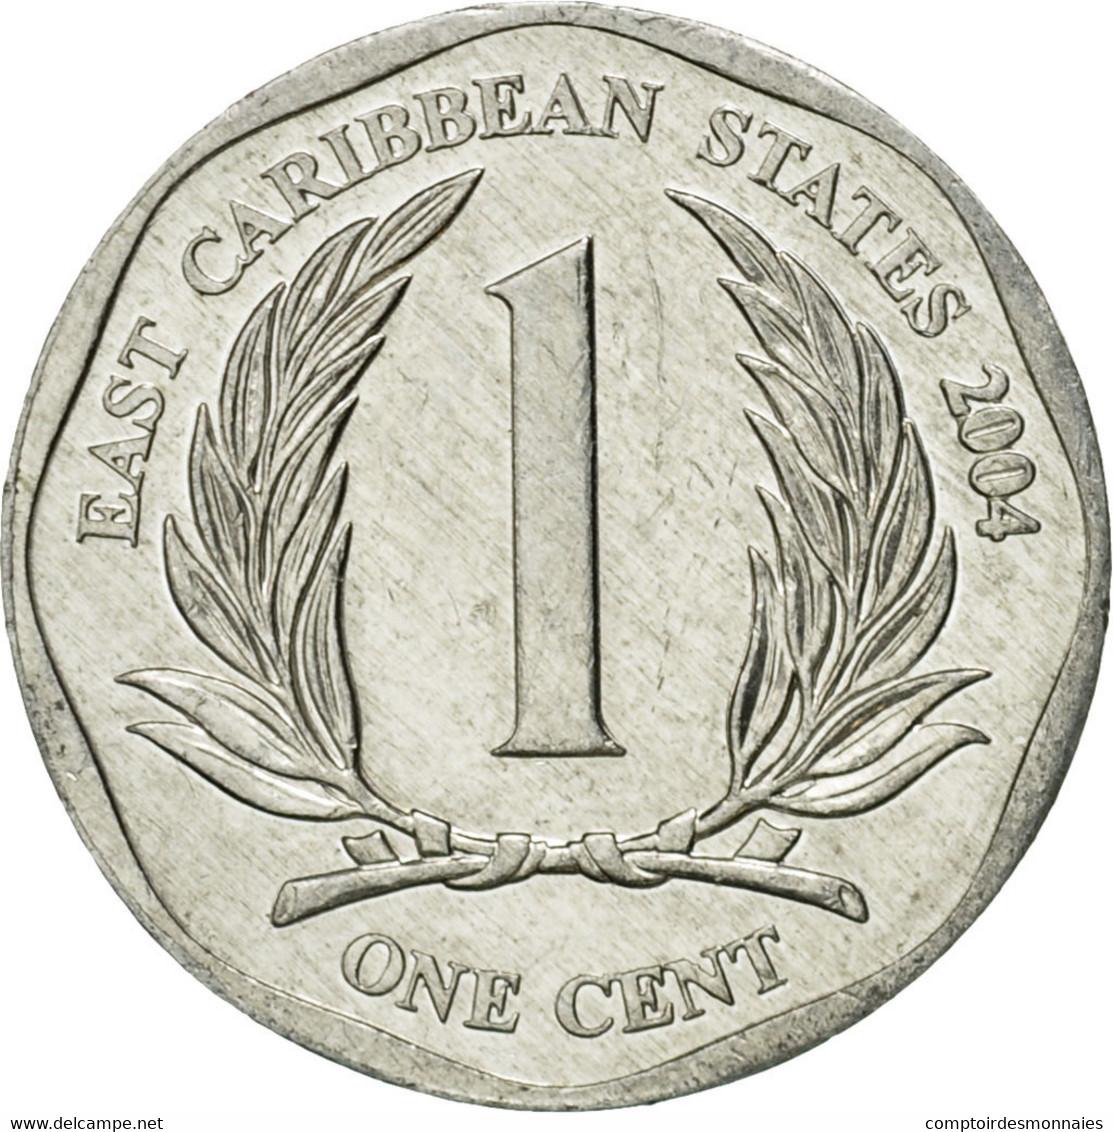 Monnaie, Etats Des Caraibes Orientales, Elizabeth II, Cent, 2004, British Royal - Caraïbes Orientales (Etats Des)